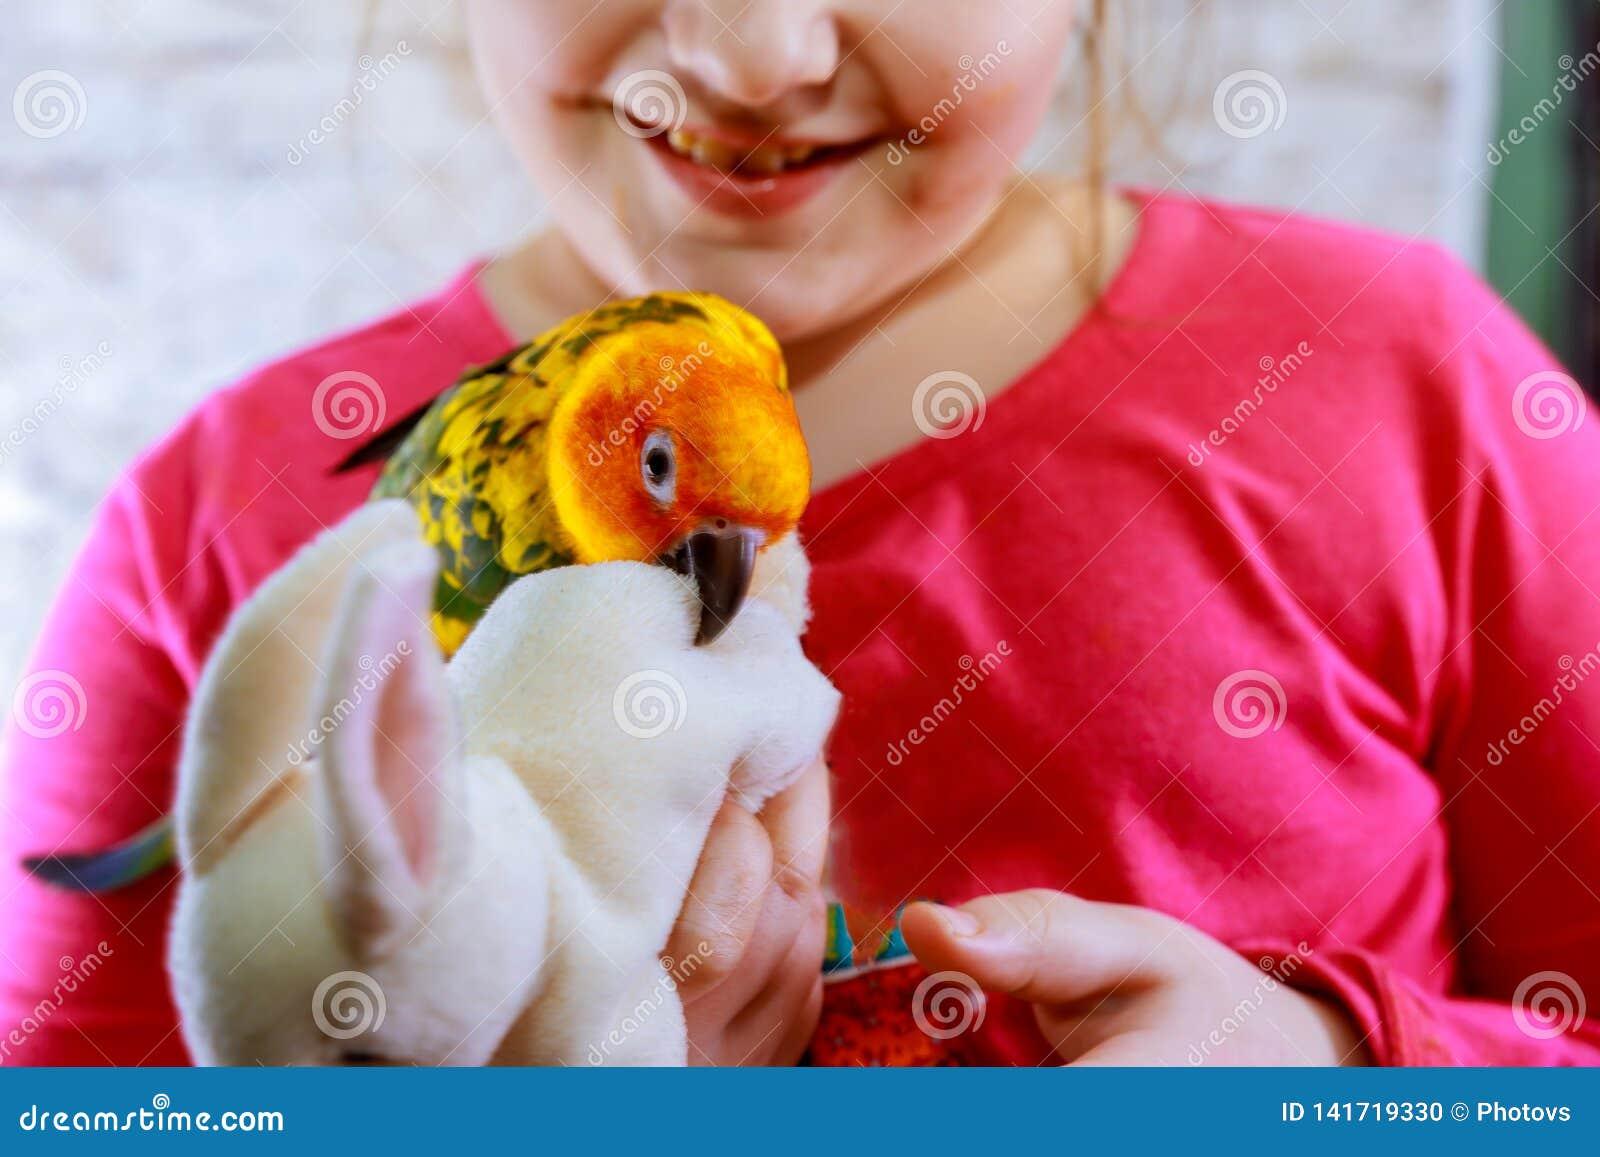 在女孩旁边的波浪鹦鹉 黄绿色鹦鹉